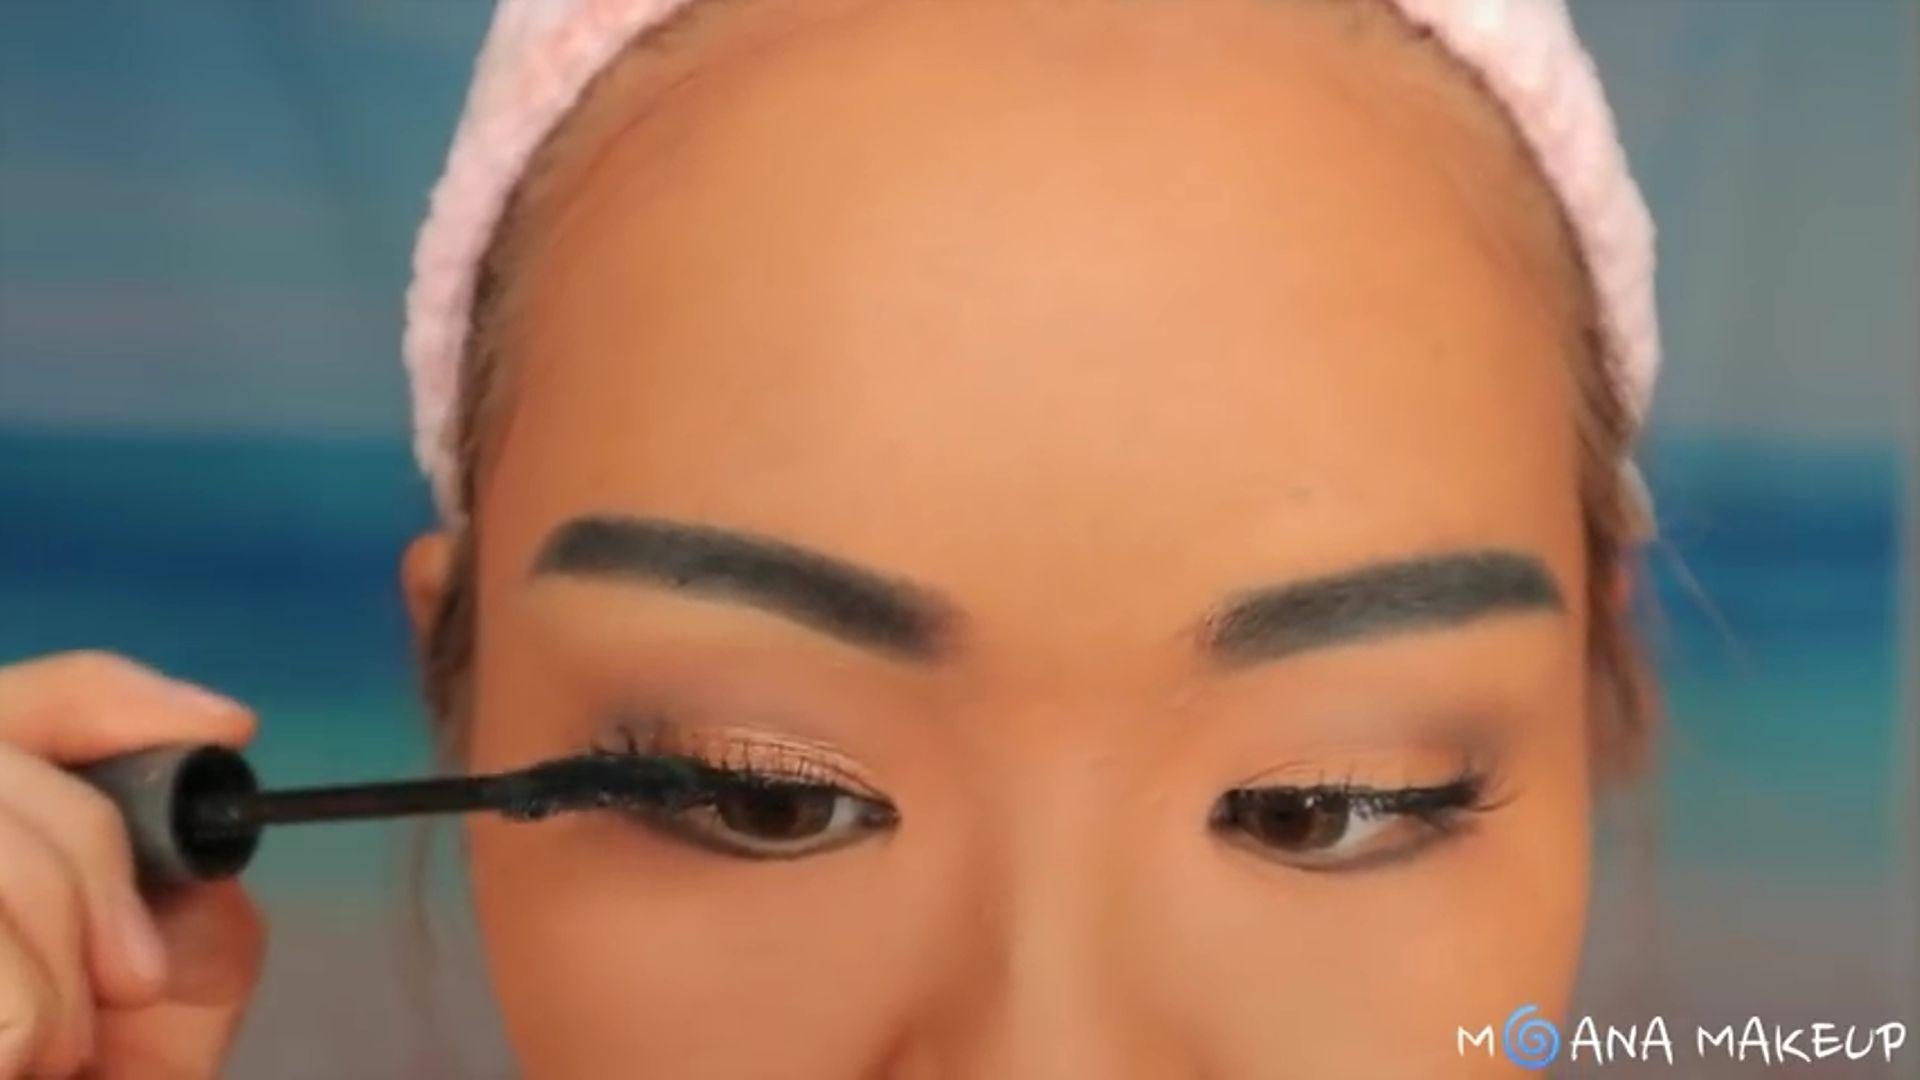 Maquíllate como Moana fukuse yuuriマリリン 2020. rimel o mascara de pestañas